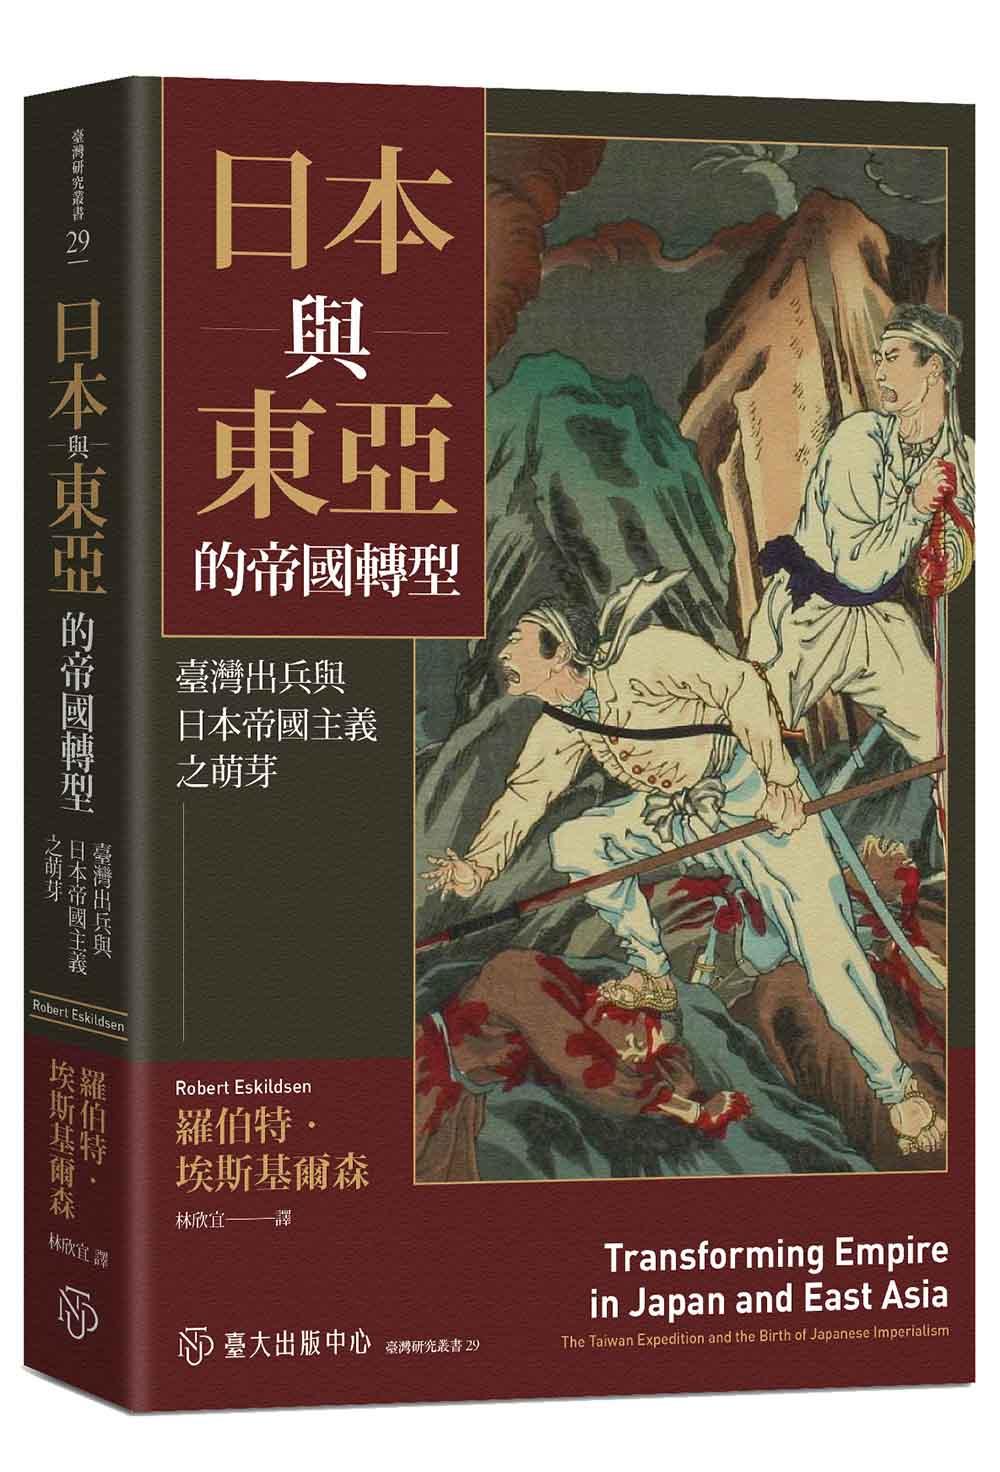 日本與東亞的帝國轉型──臺灣出兵與日本帝國主義之萌芽